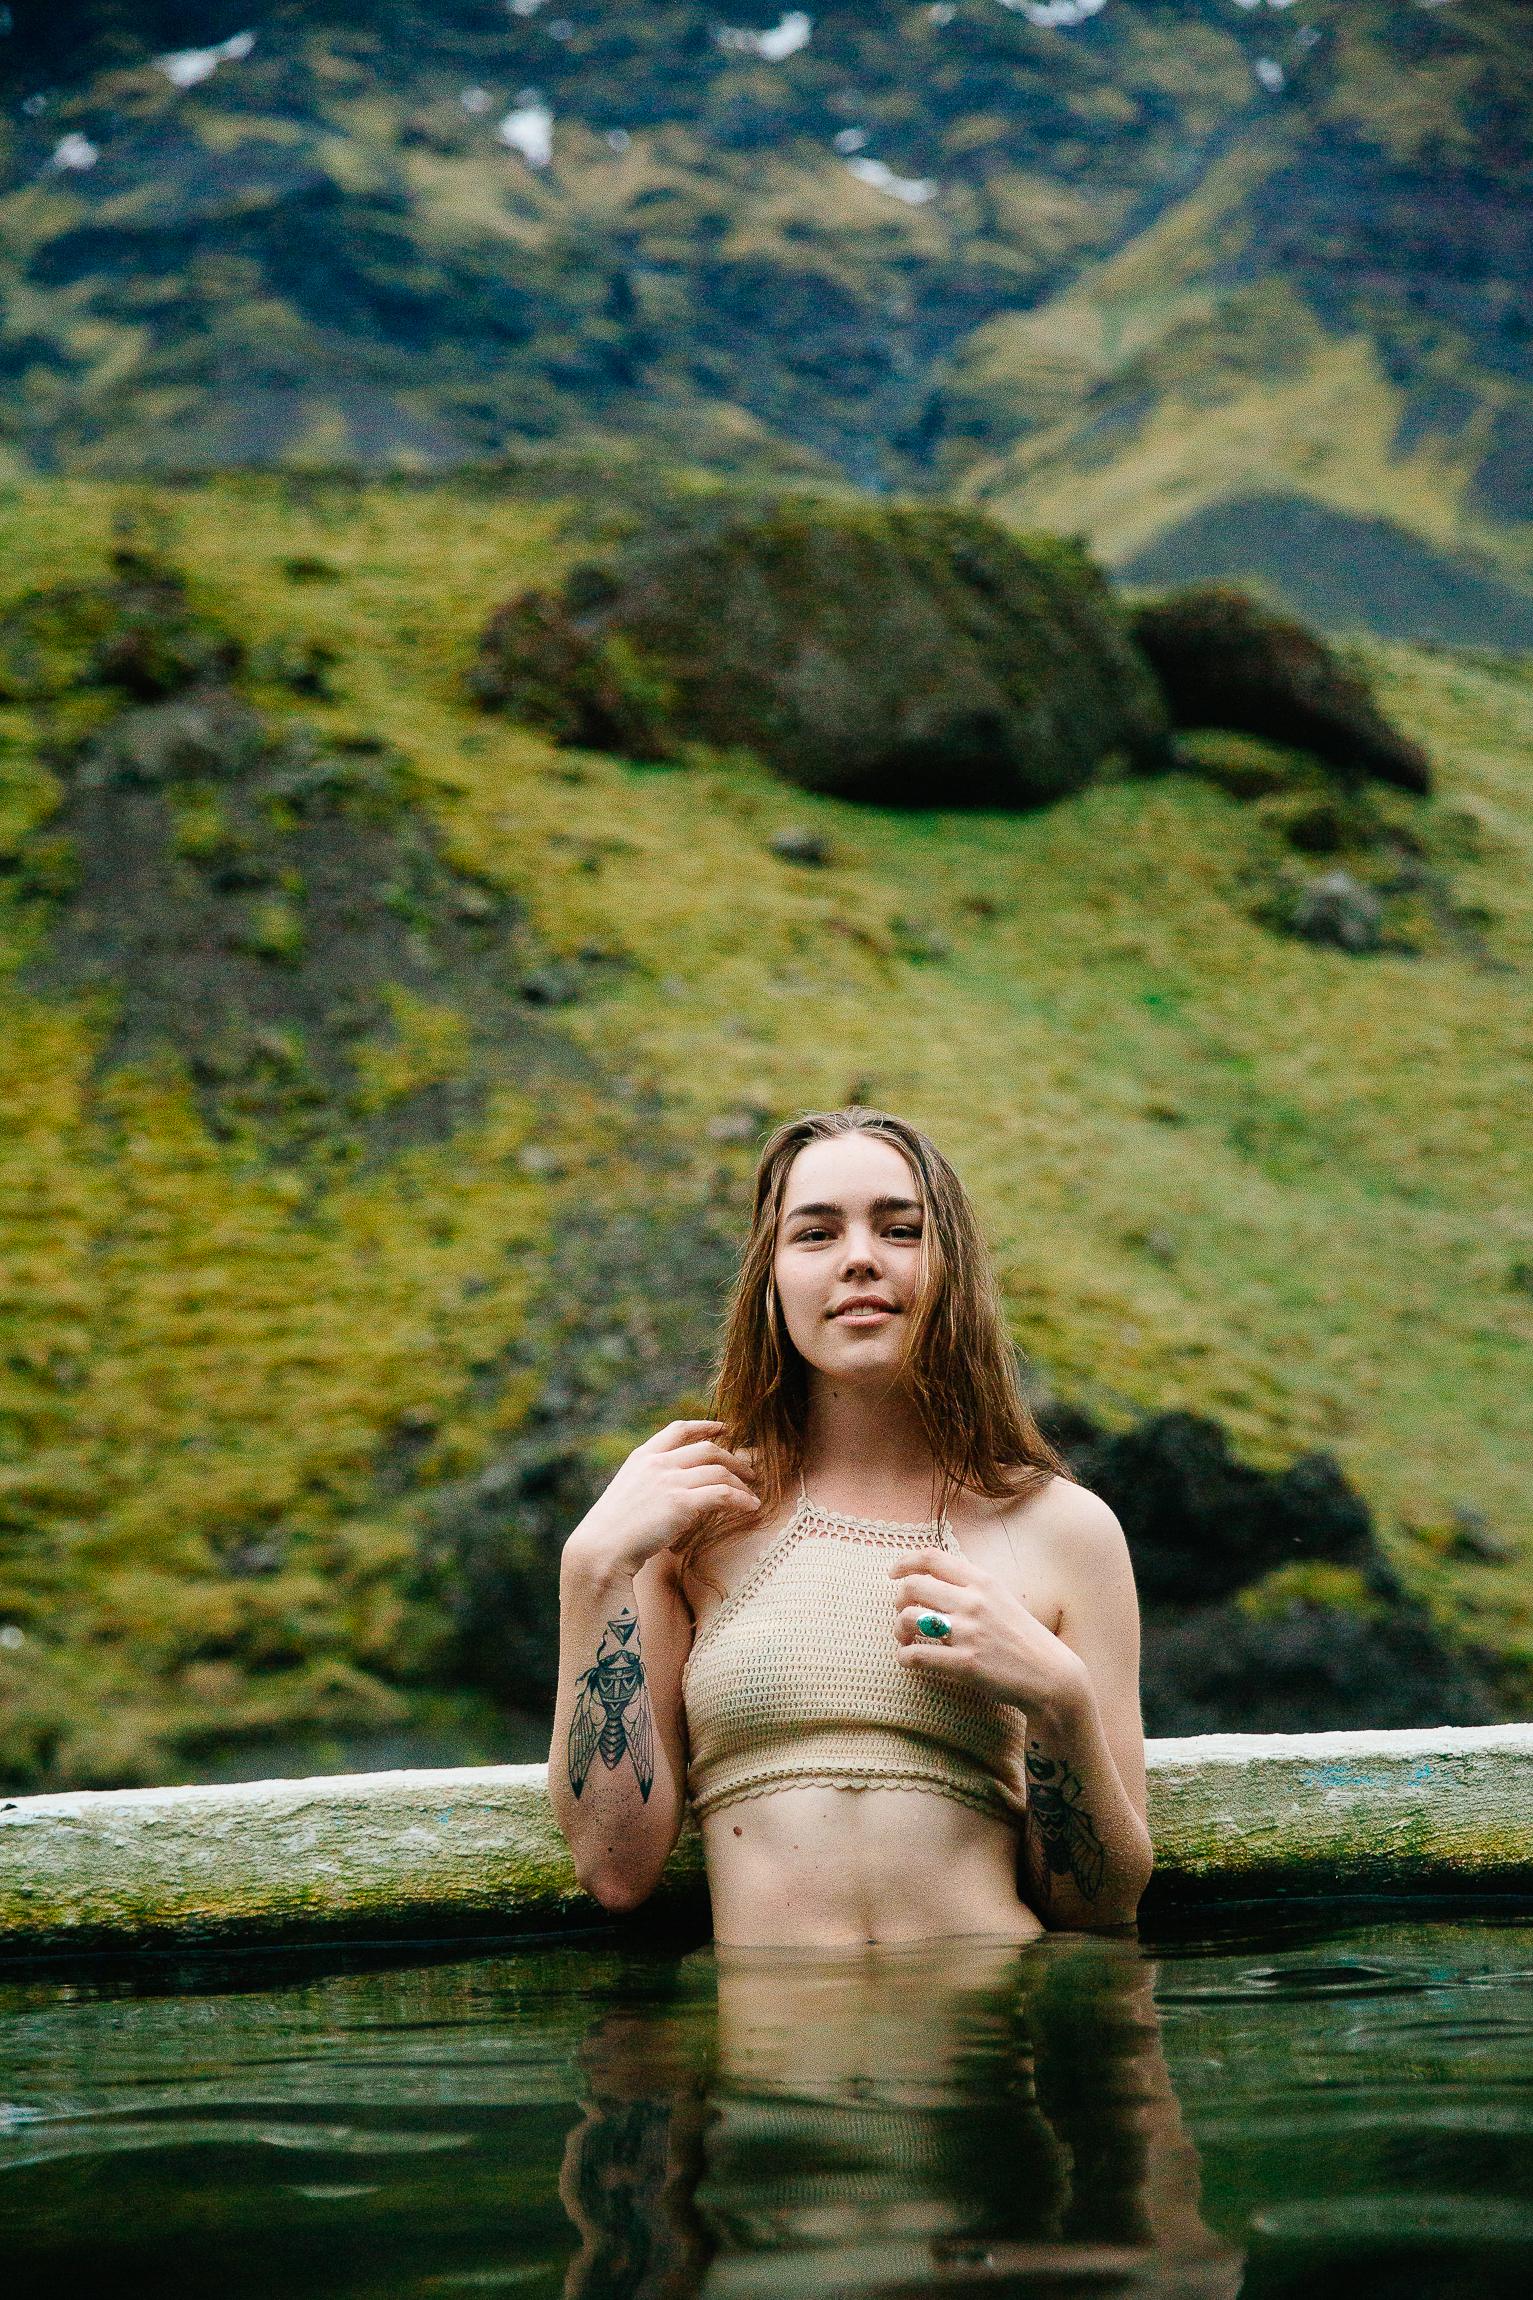 Valari_Iceland_Conceptual_Pool_Selijavellir10